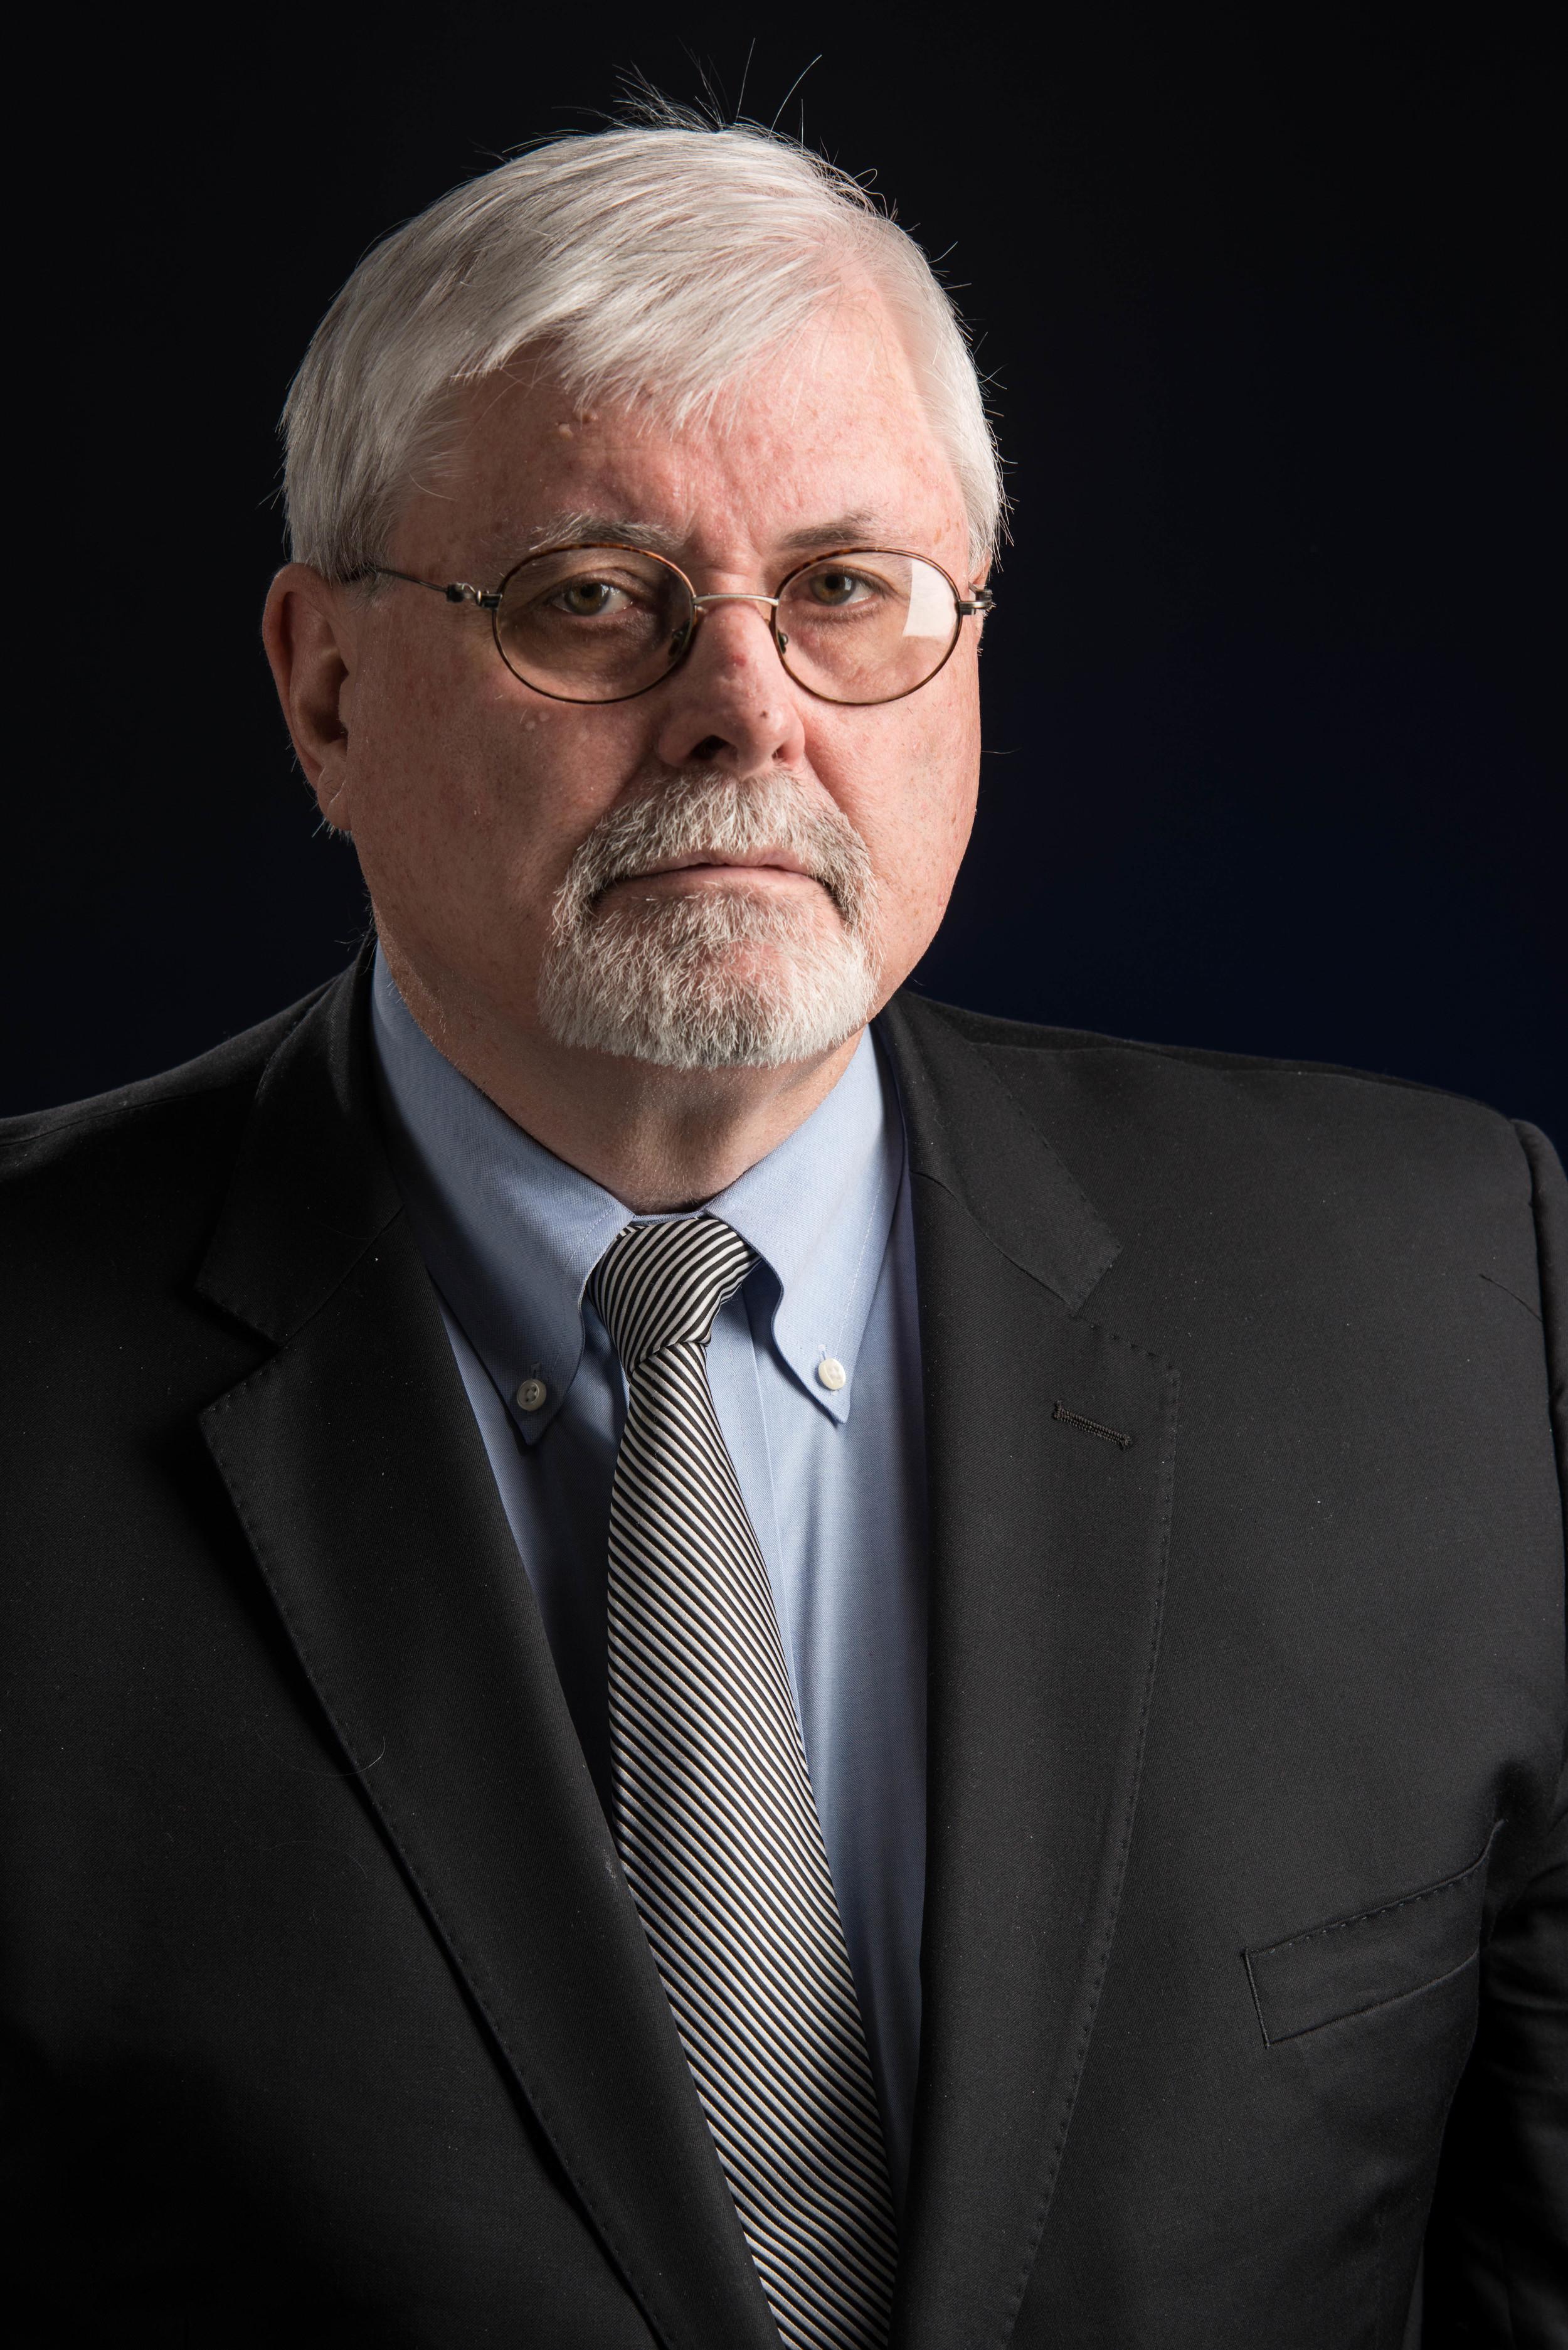 John M. Peterson